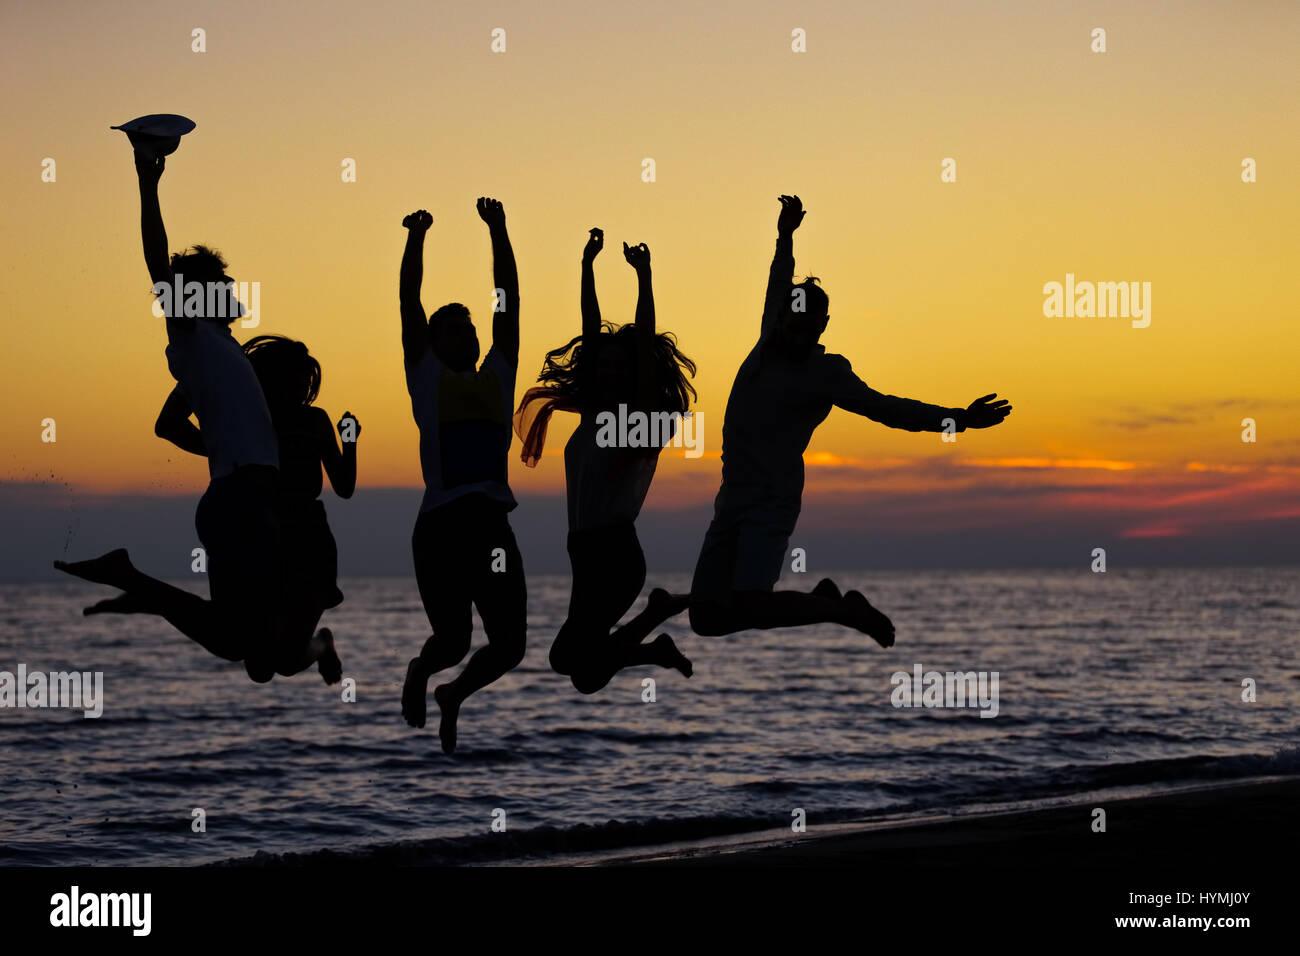 Silhouette d'amis sautant sur plage, pendant l'heure du coucher du soleil Photo Stock